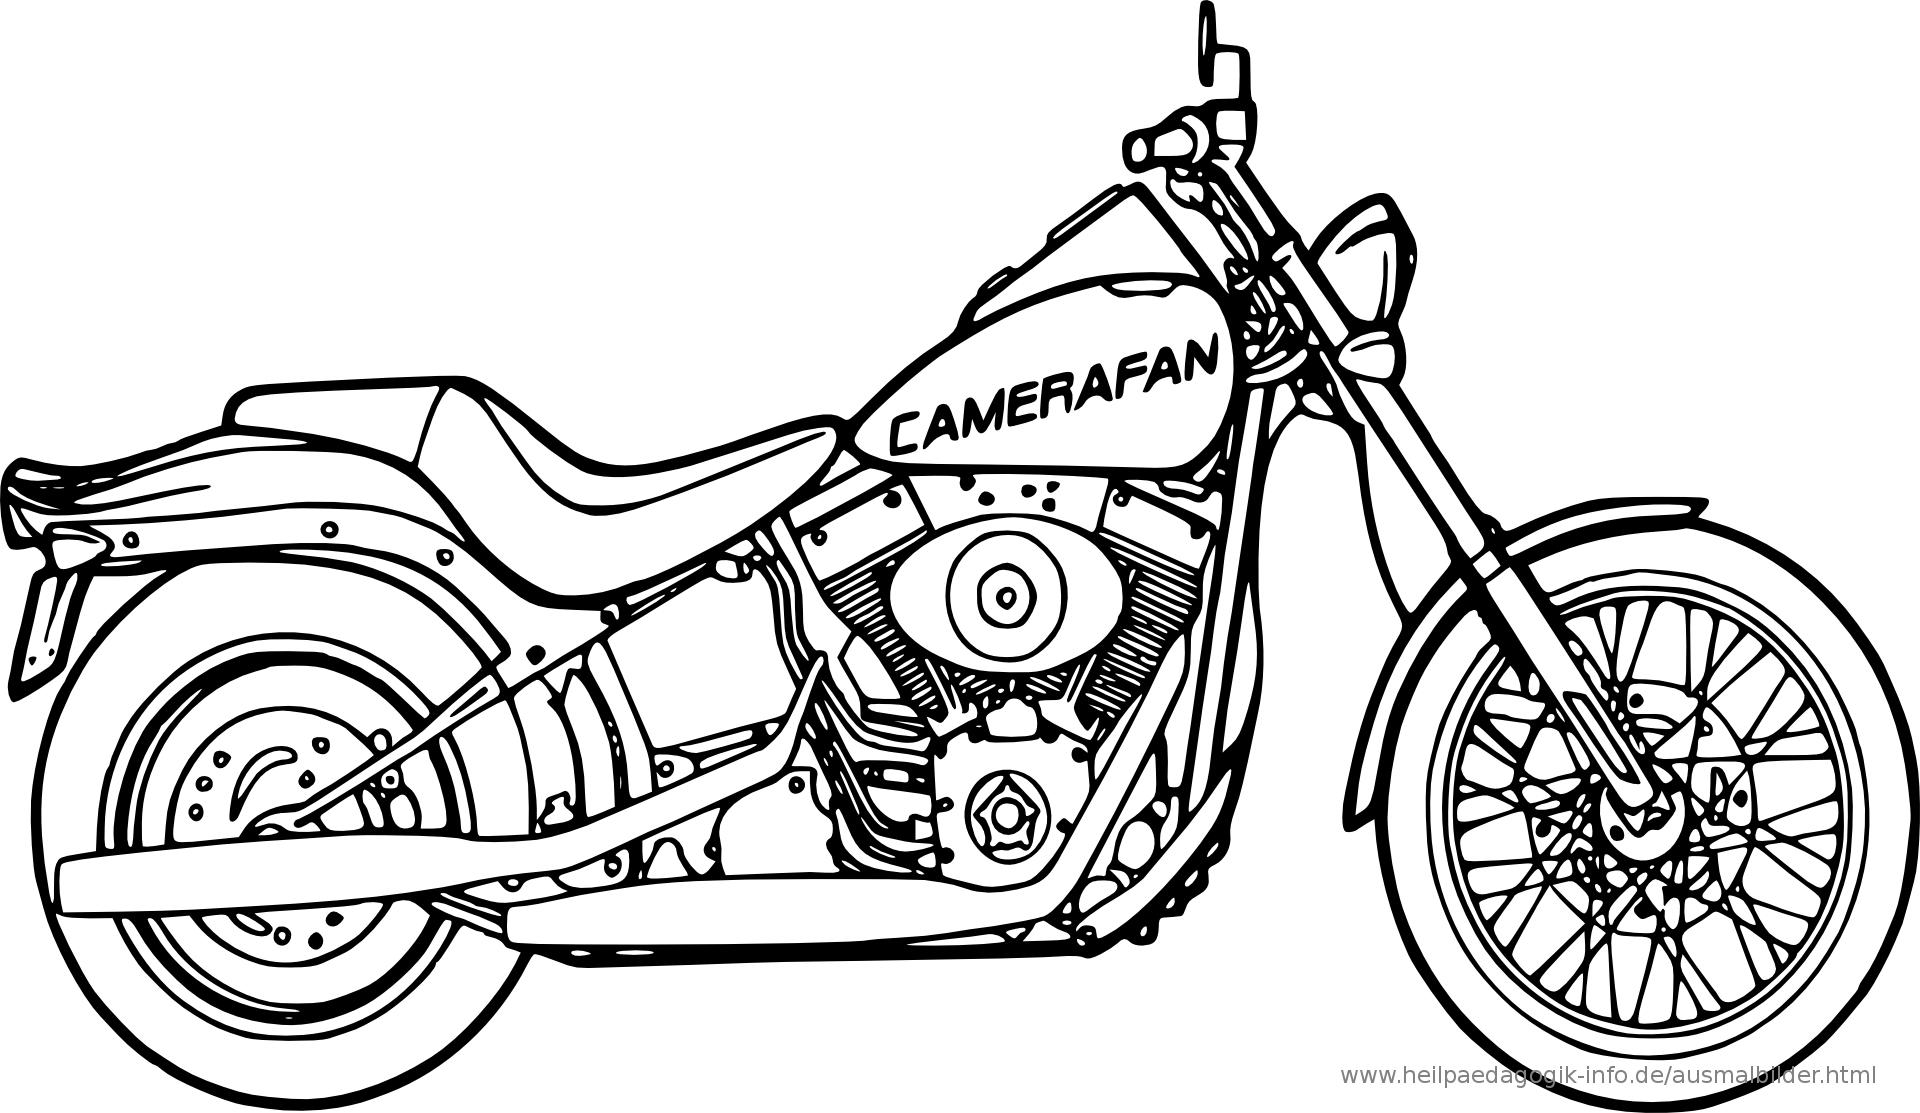 Kostenlose Malvorlagen Motorrad   Coloring And Malvorlagan innen Motorrad Ausmalbilder